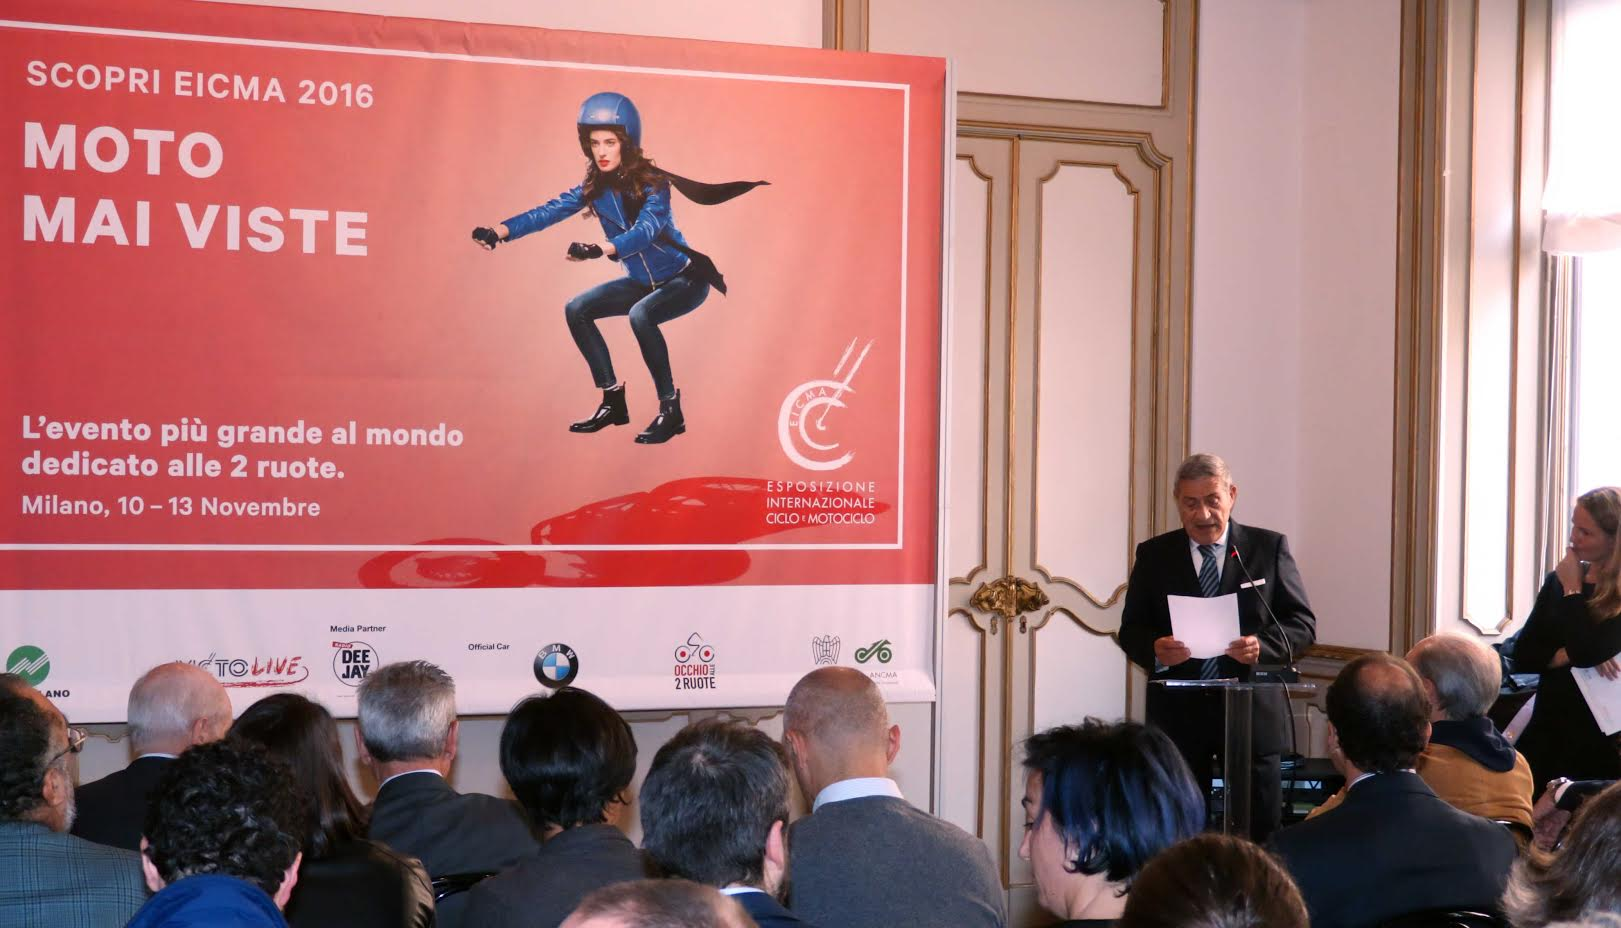 EICMA 2016: Moto mai viste, tecnologia e innovazione